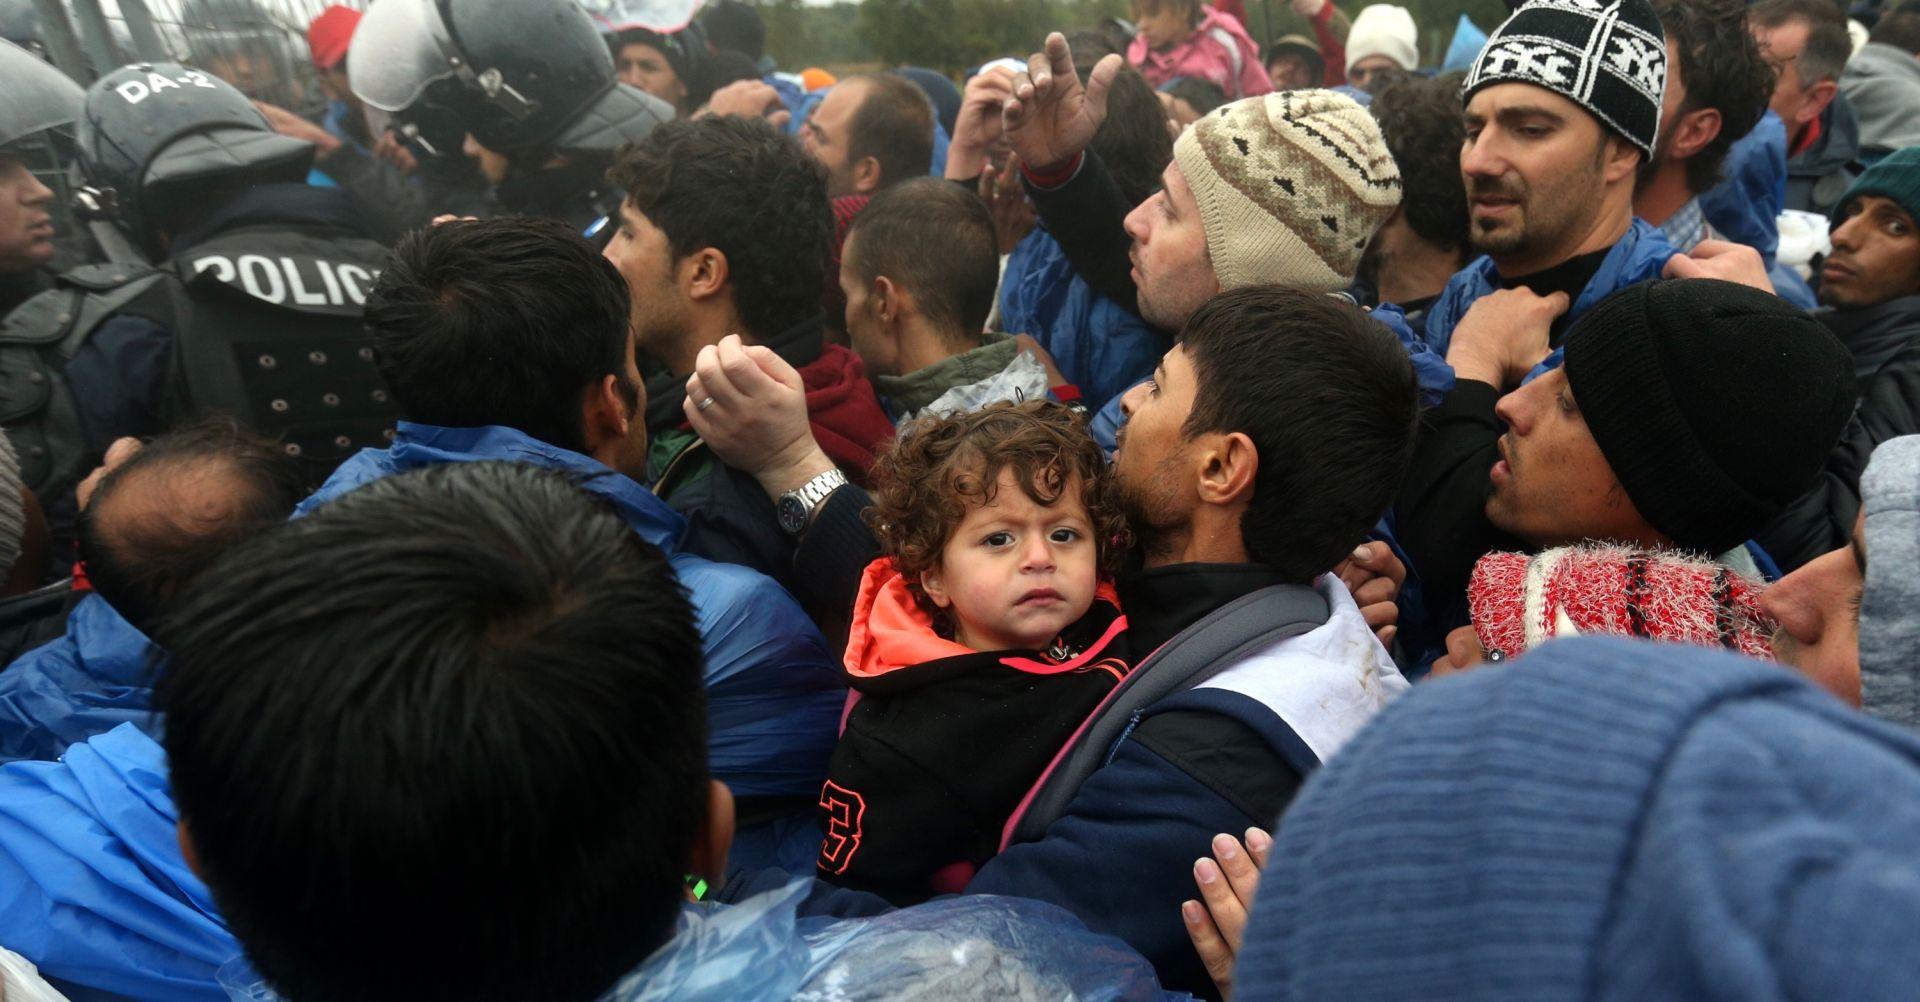 PRITISAK MIGRANATA KOD BAPSKE VEČERAS SMANJEN Migranti čekaju prijevoz do slovenskih prihvatnih centara